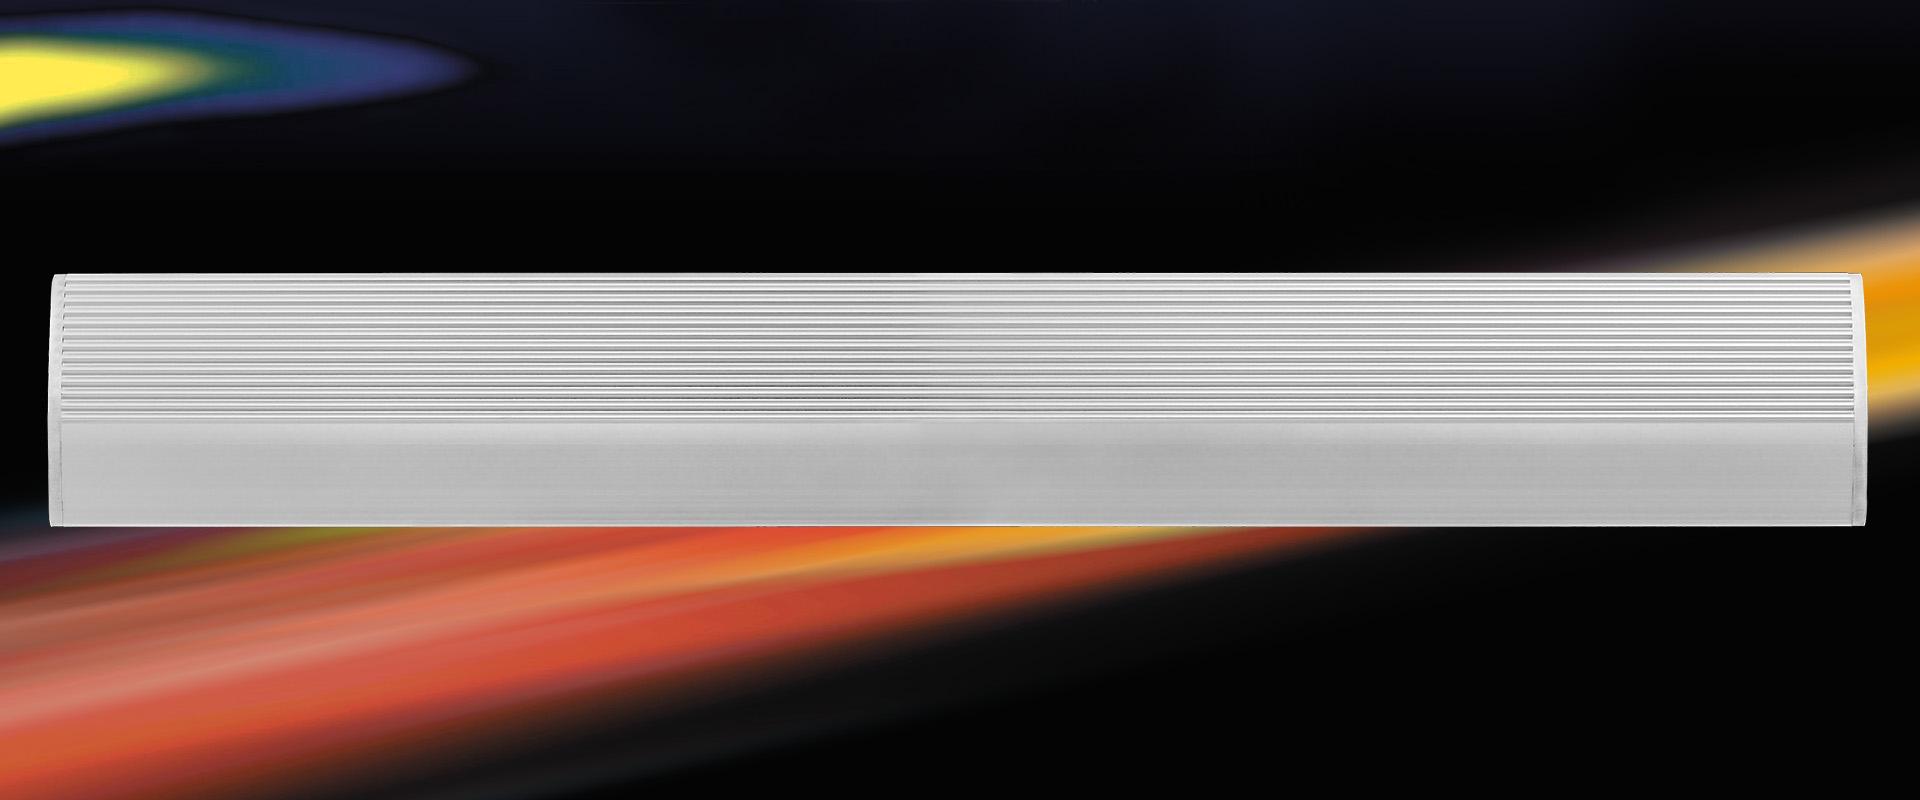 Прочный алюминиевый корпус – далеко не единственное достоинство сетевых блоков Supra